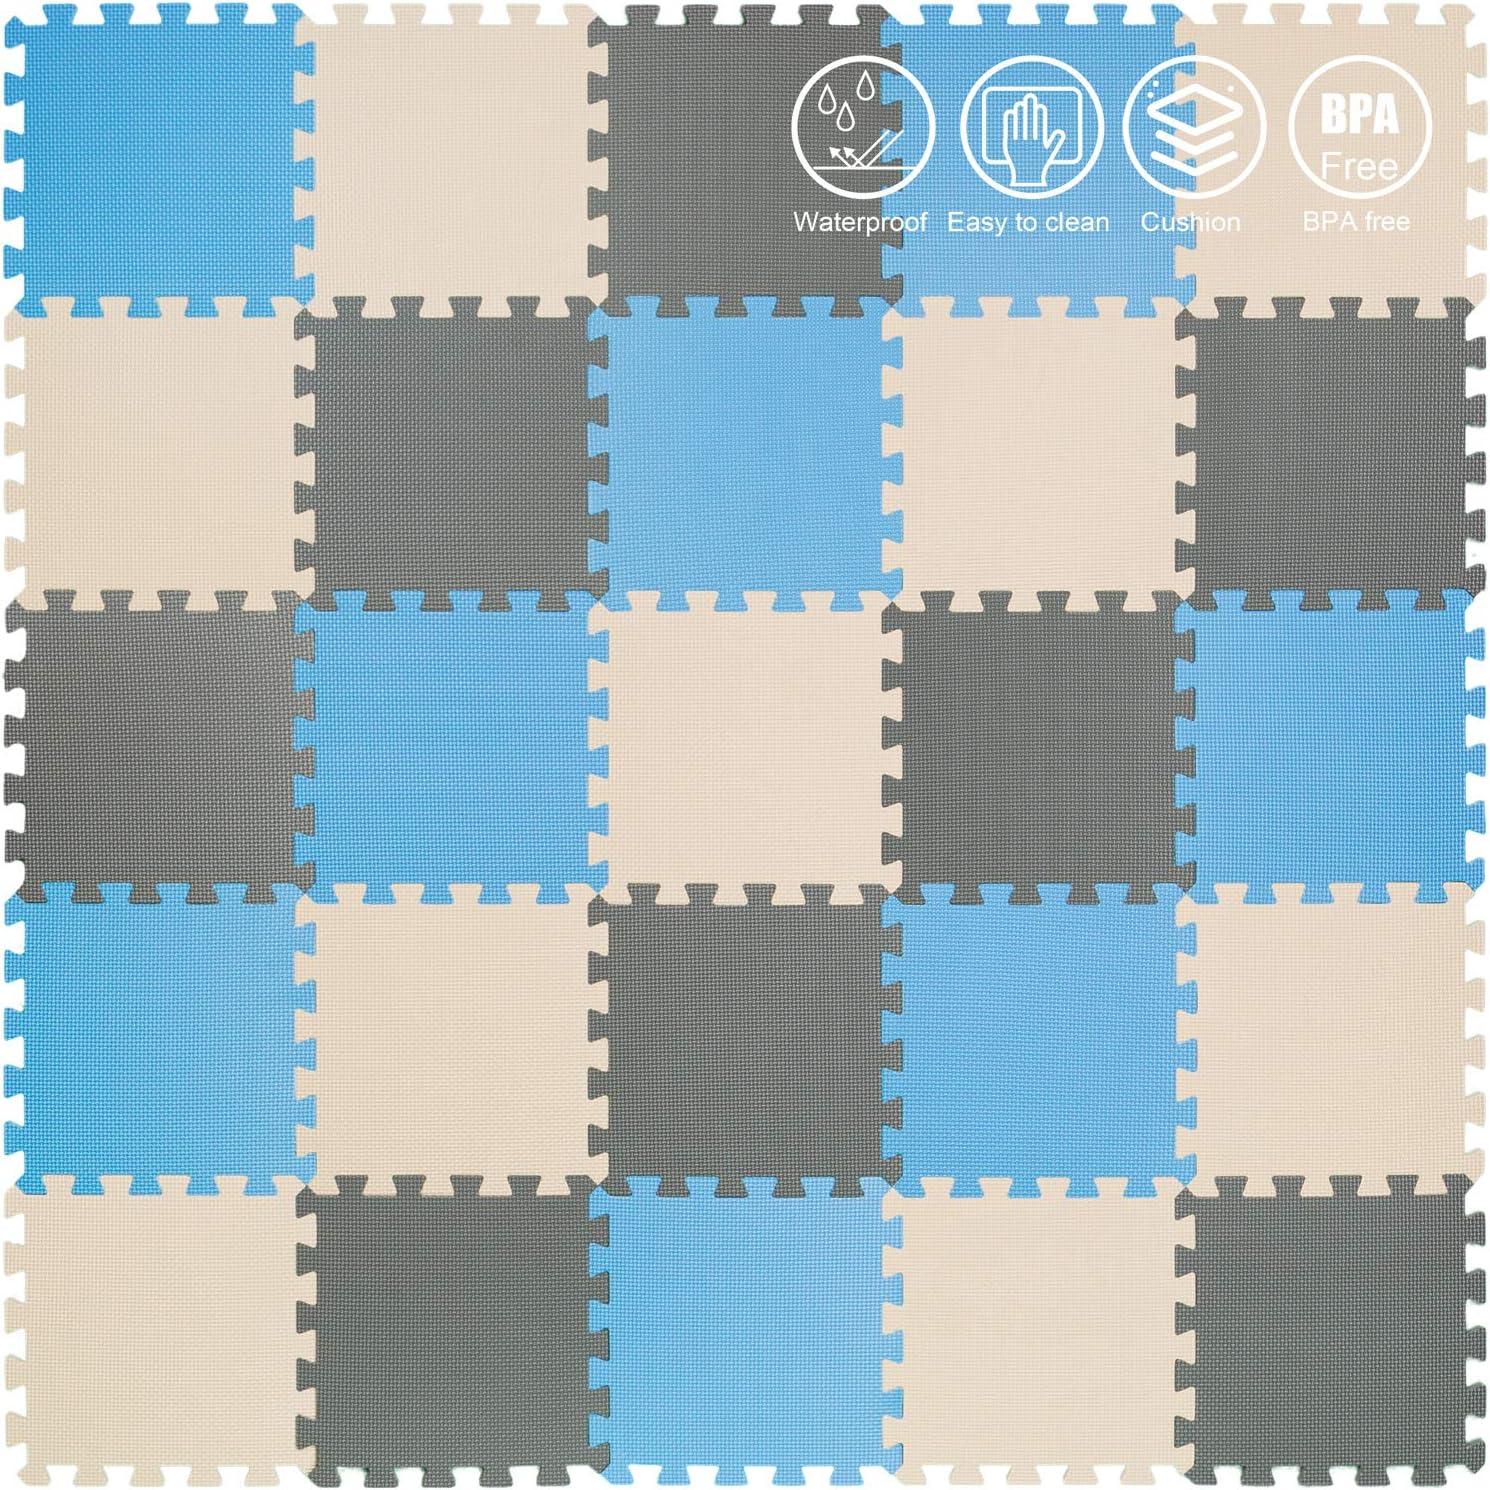 Fitnessmatte Grau Yostrong Schutzmatten Set Puzzlematte Boden Schutz Matte Blau spielmatte Baby YC-GJLb25N 25 Puzzle Bodenschutzmatten Unterlegmatte Beige